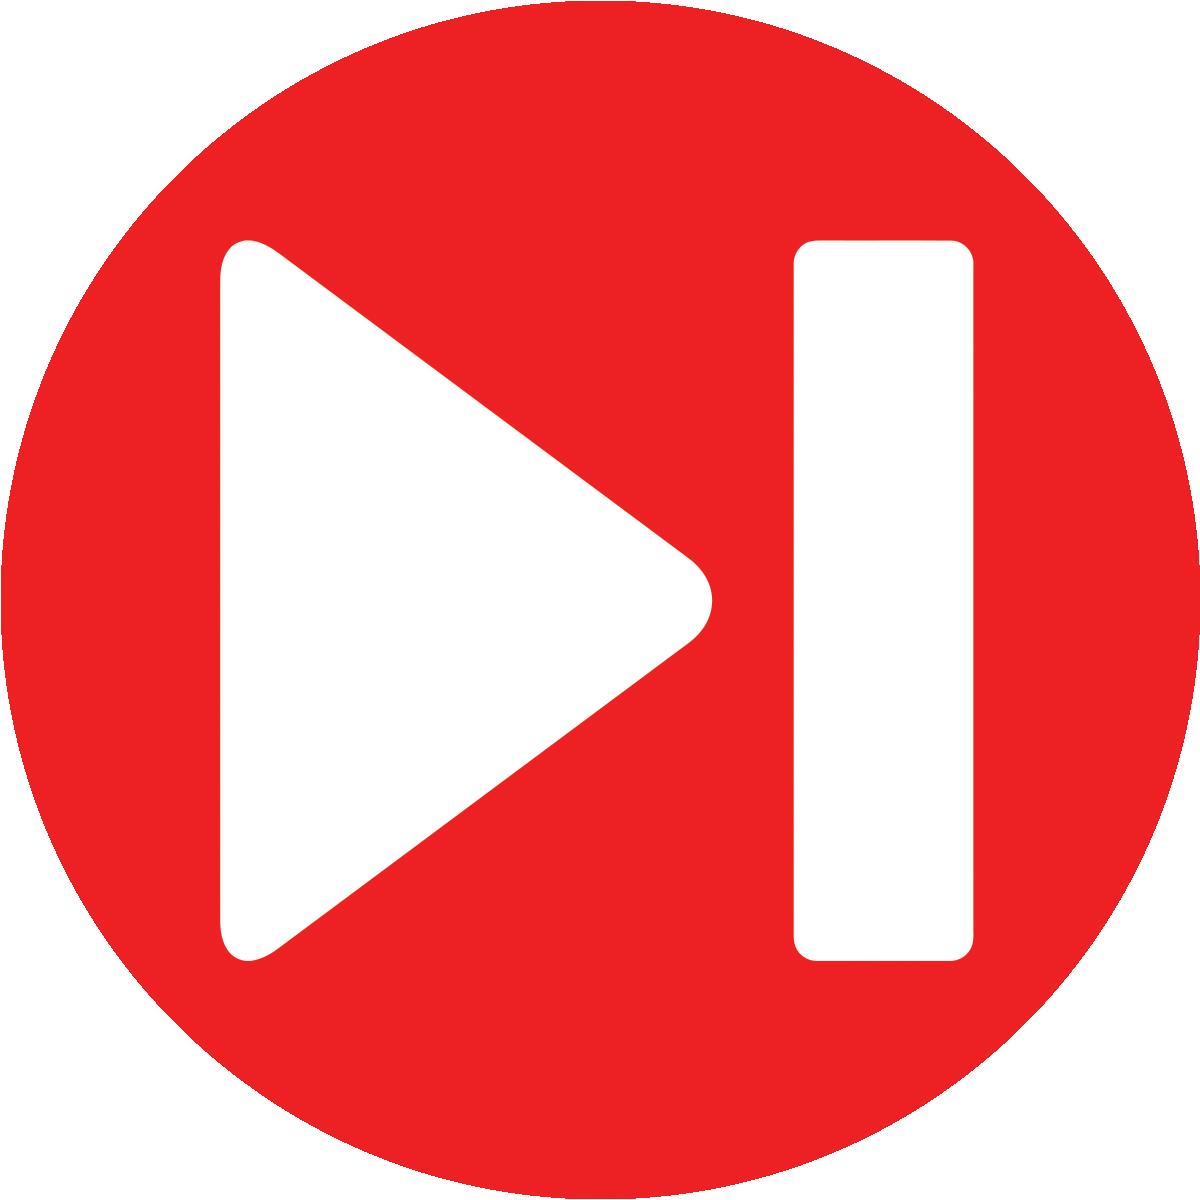 SkimoTV